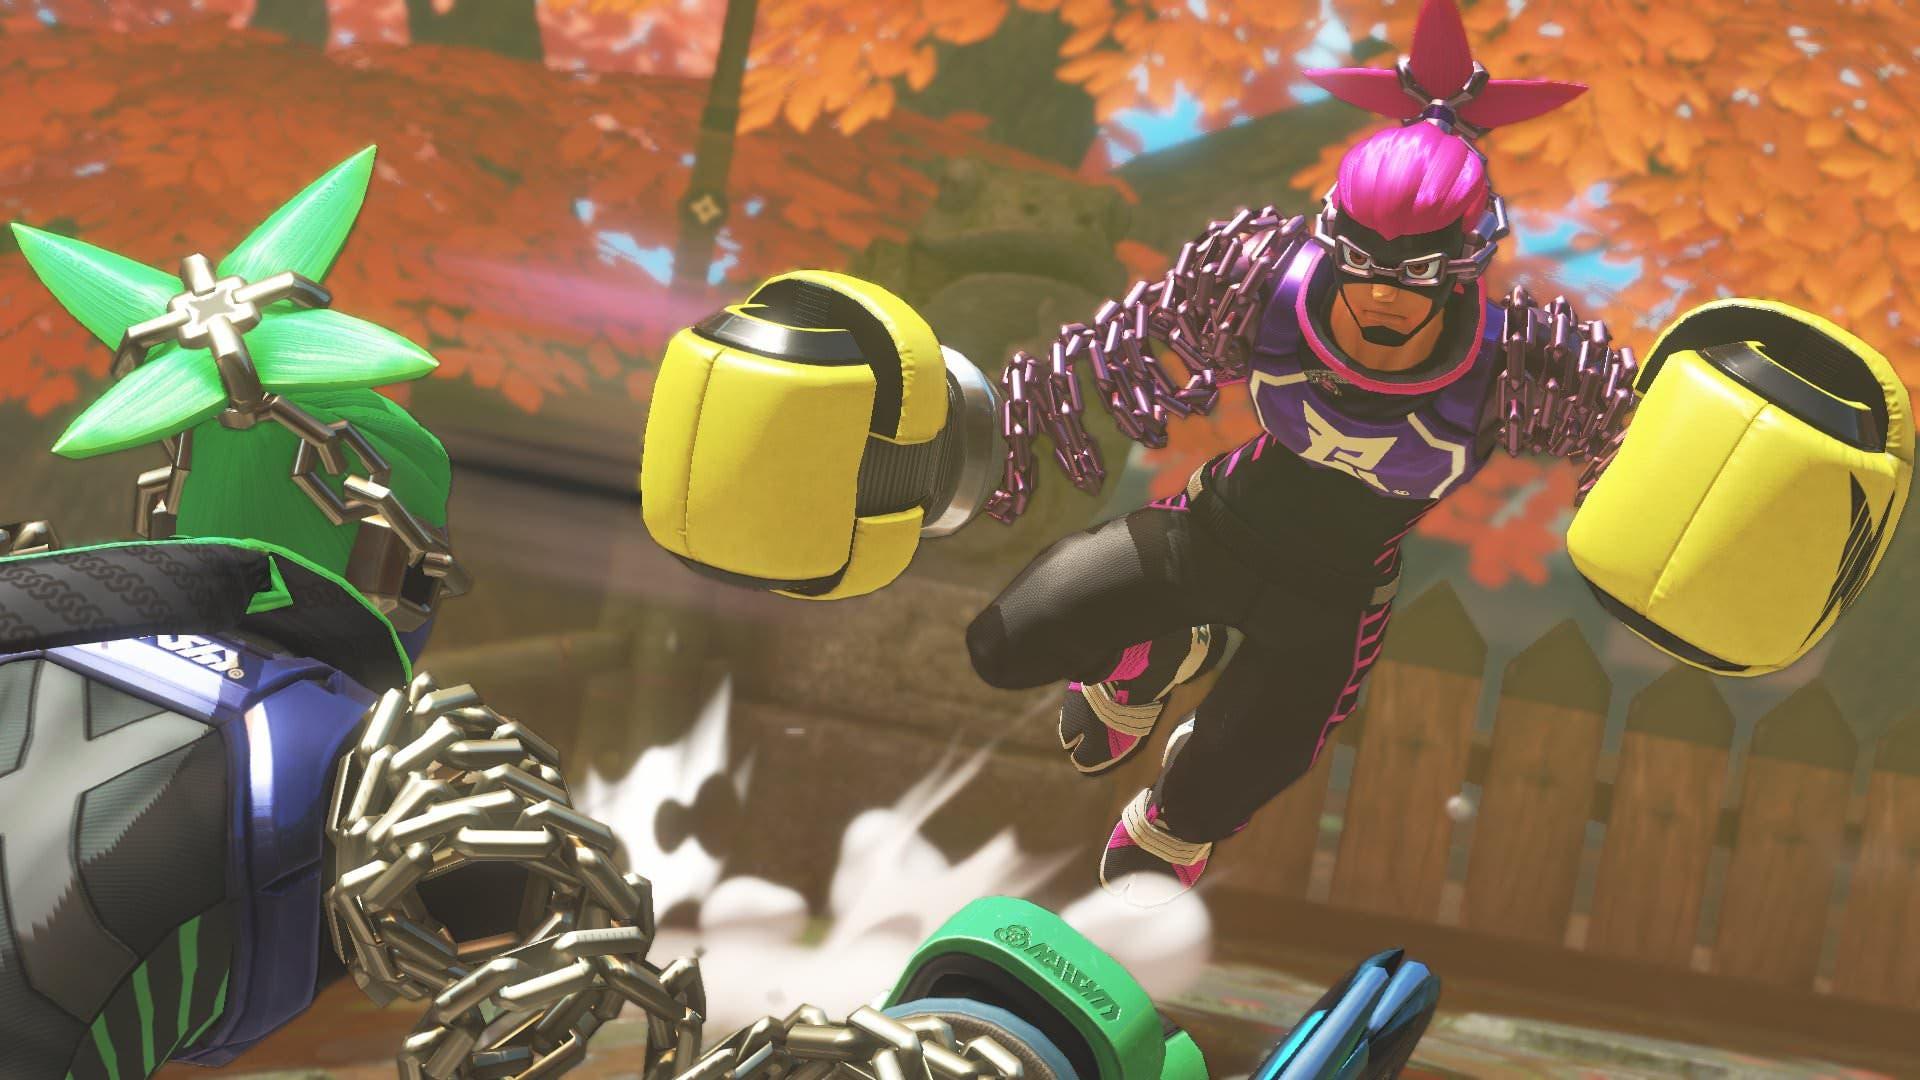 [Act.] Es probable que veamos nuevos contenidos de ARMS en el Nintendo Treehouse de hoy